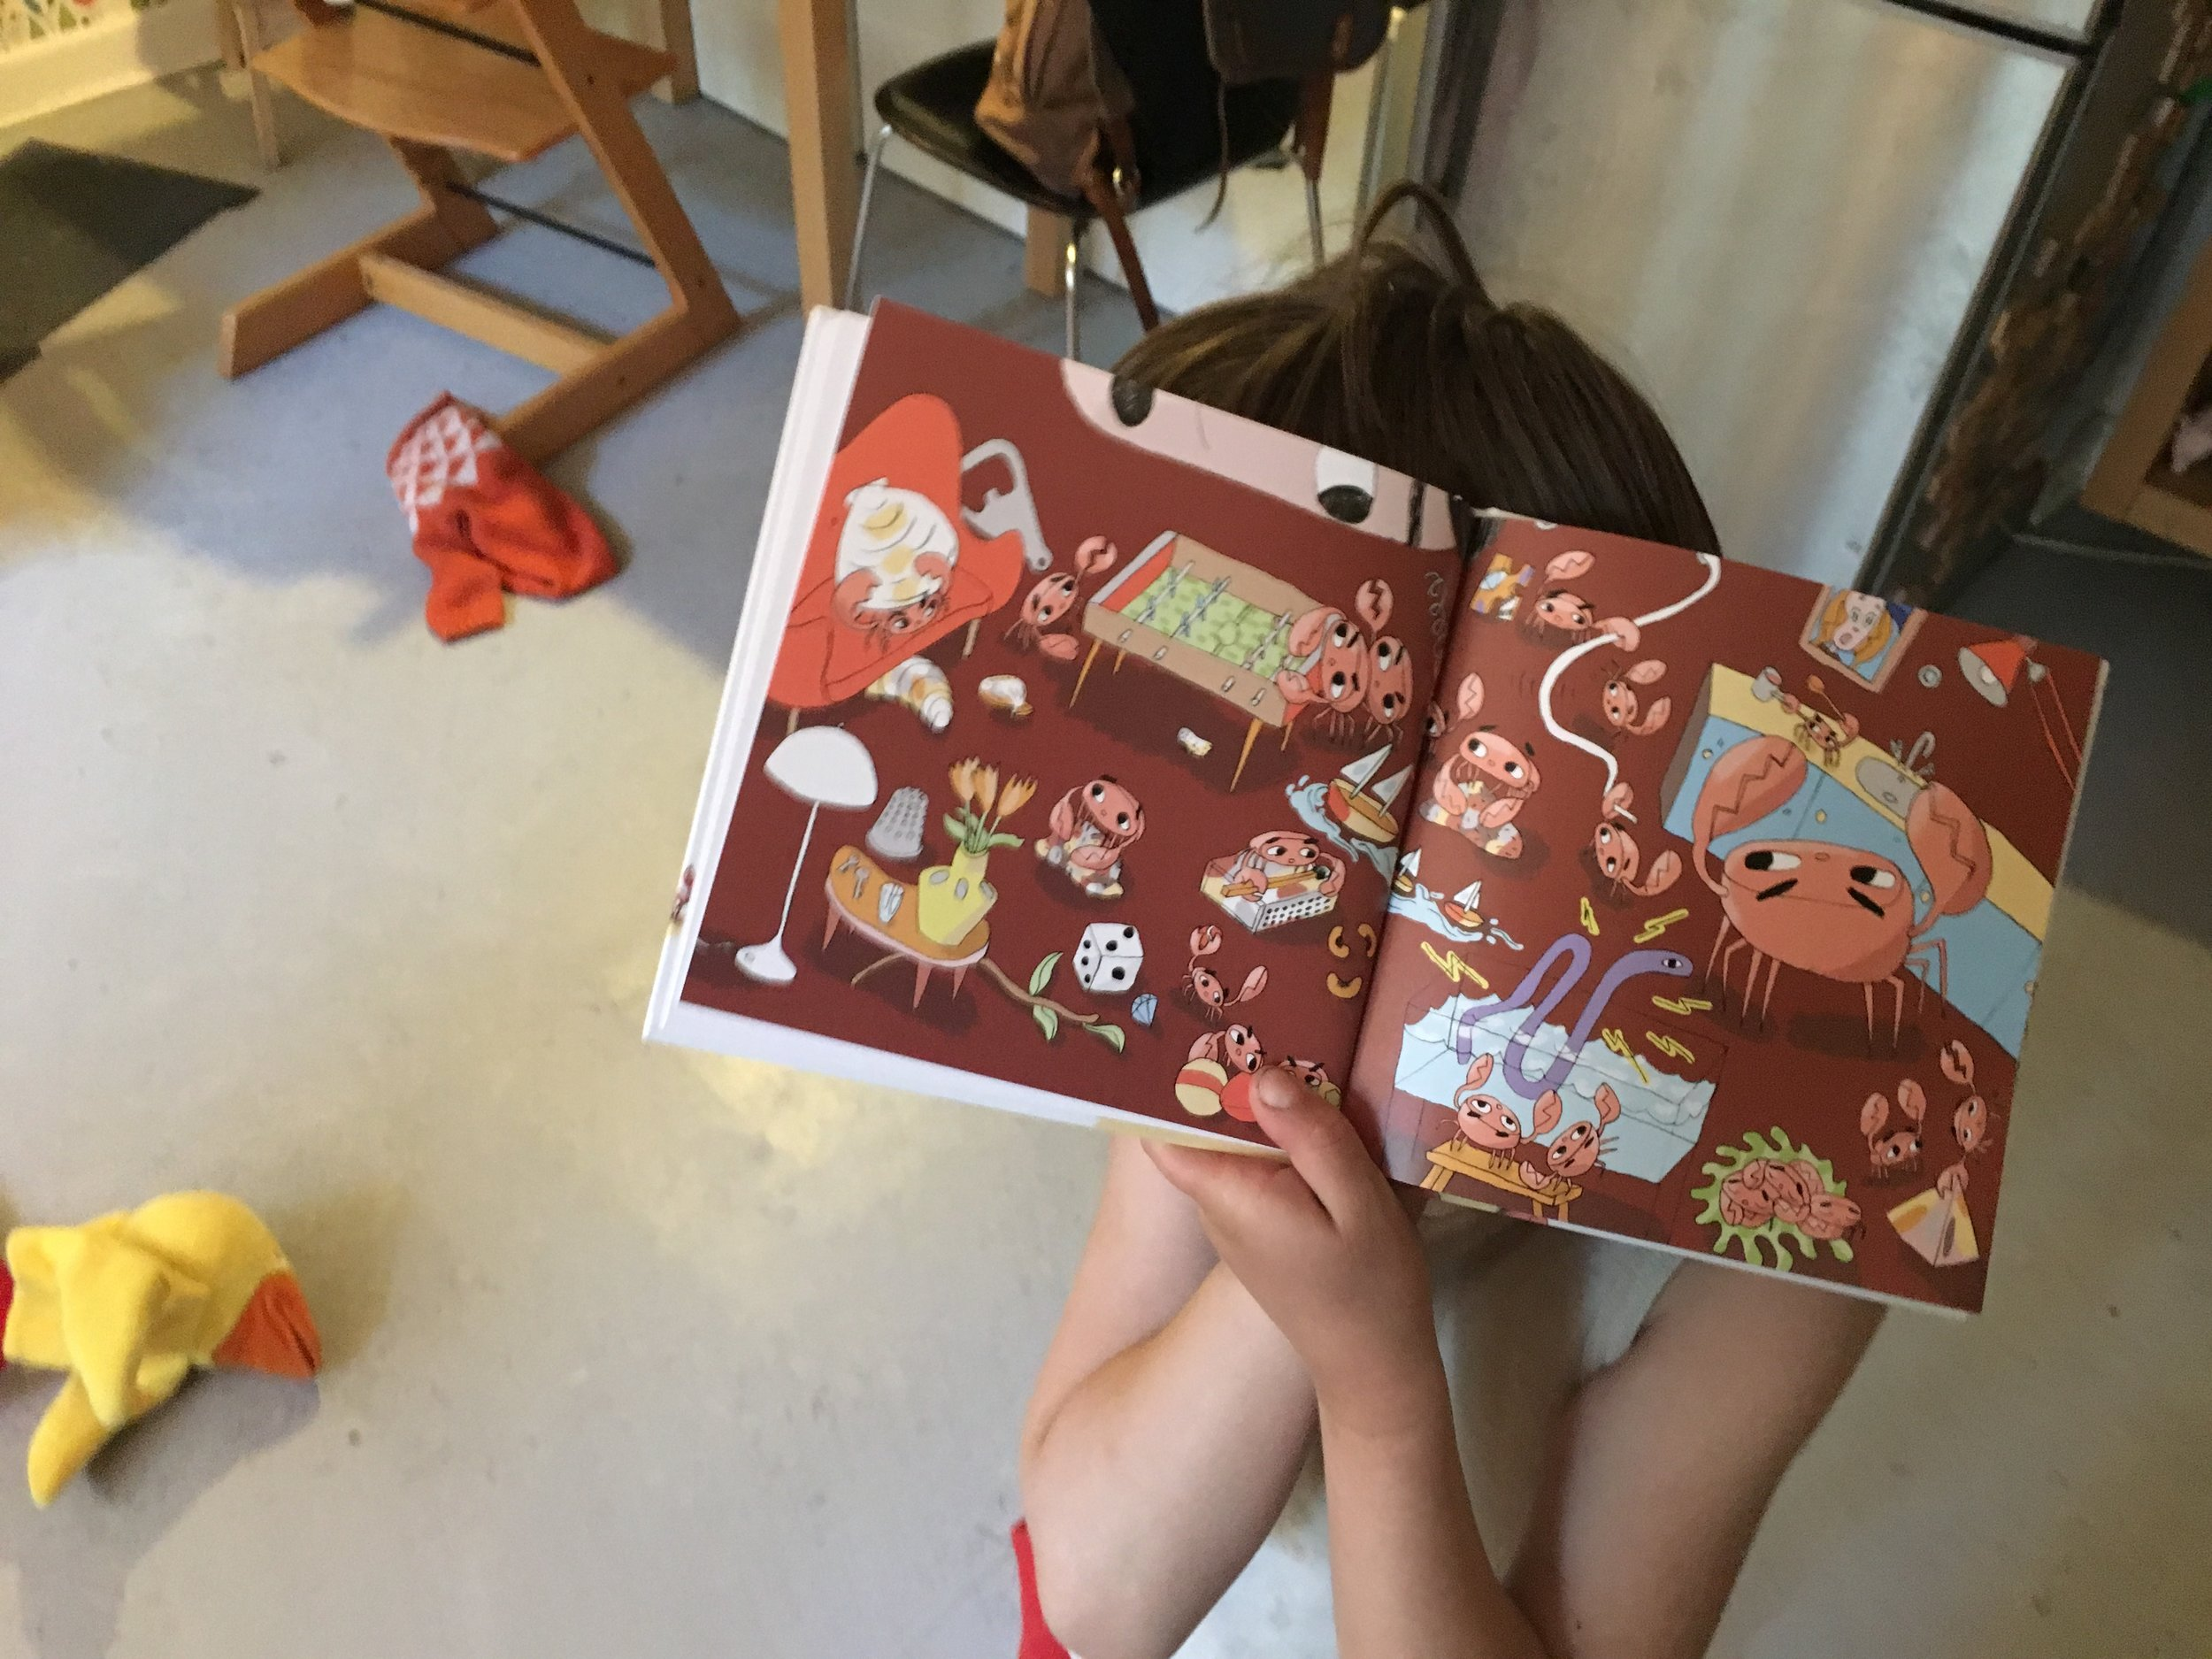 Stor litteratur til små mennesker - På Vilde Dyr kan vi lide det skæve, det sjove og det alvorlige. Vi kan især godt lide bøger der tager børn alvorligt